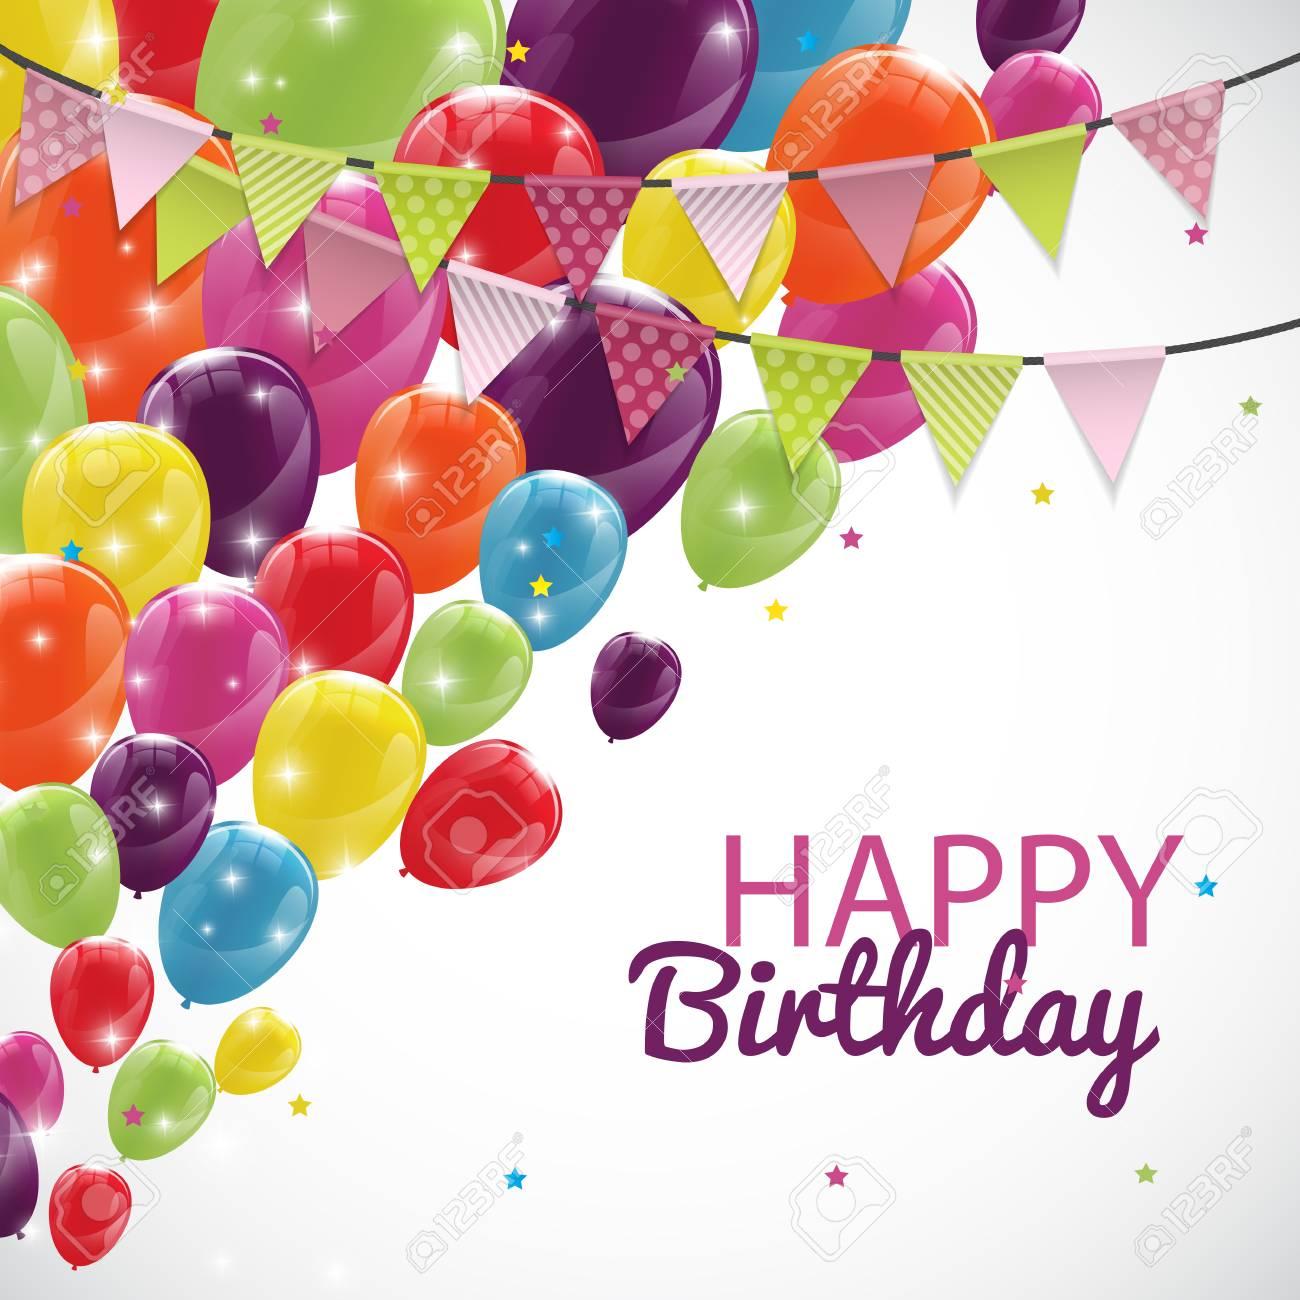 modèle carte d anniversaire Joyeux Modèle Carte D'anniversaire Avec Des Ballons Et Drapeaux